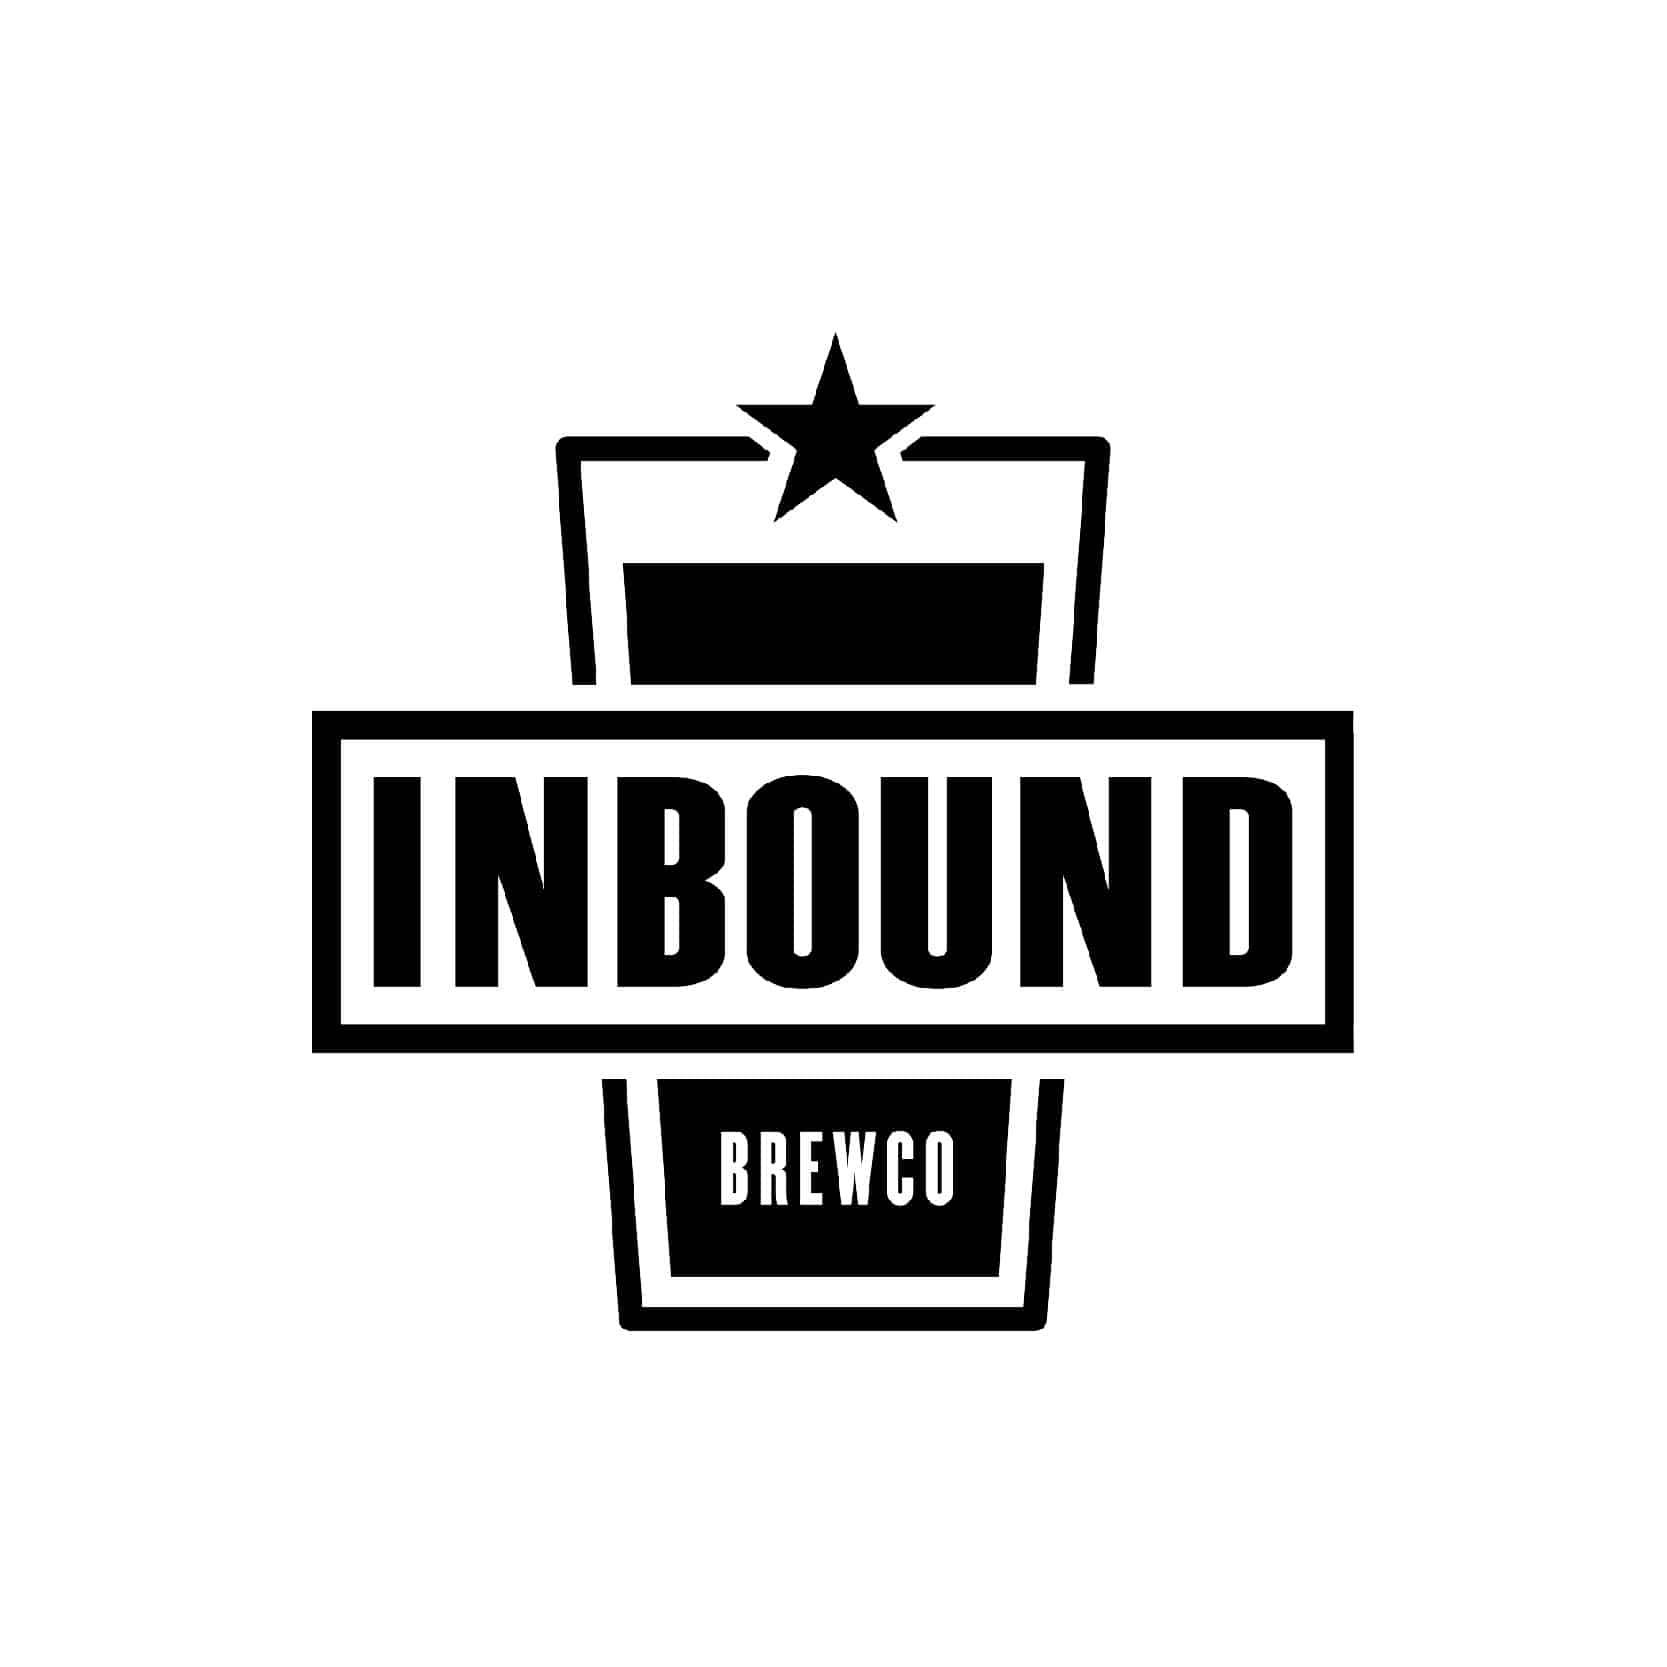 Inbound Brewing